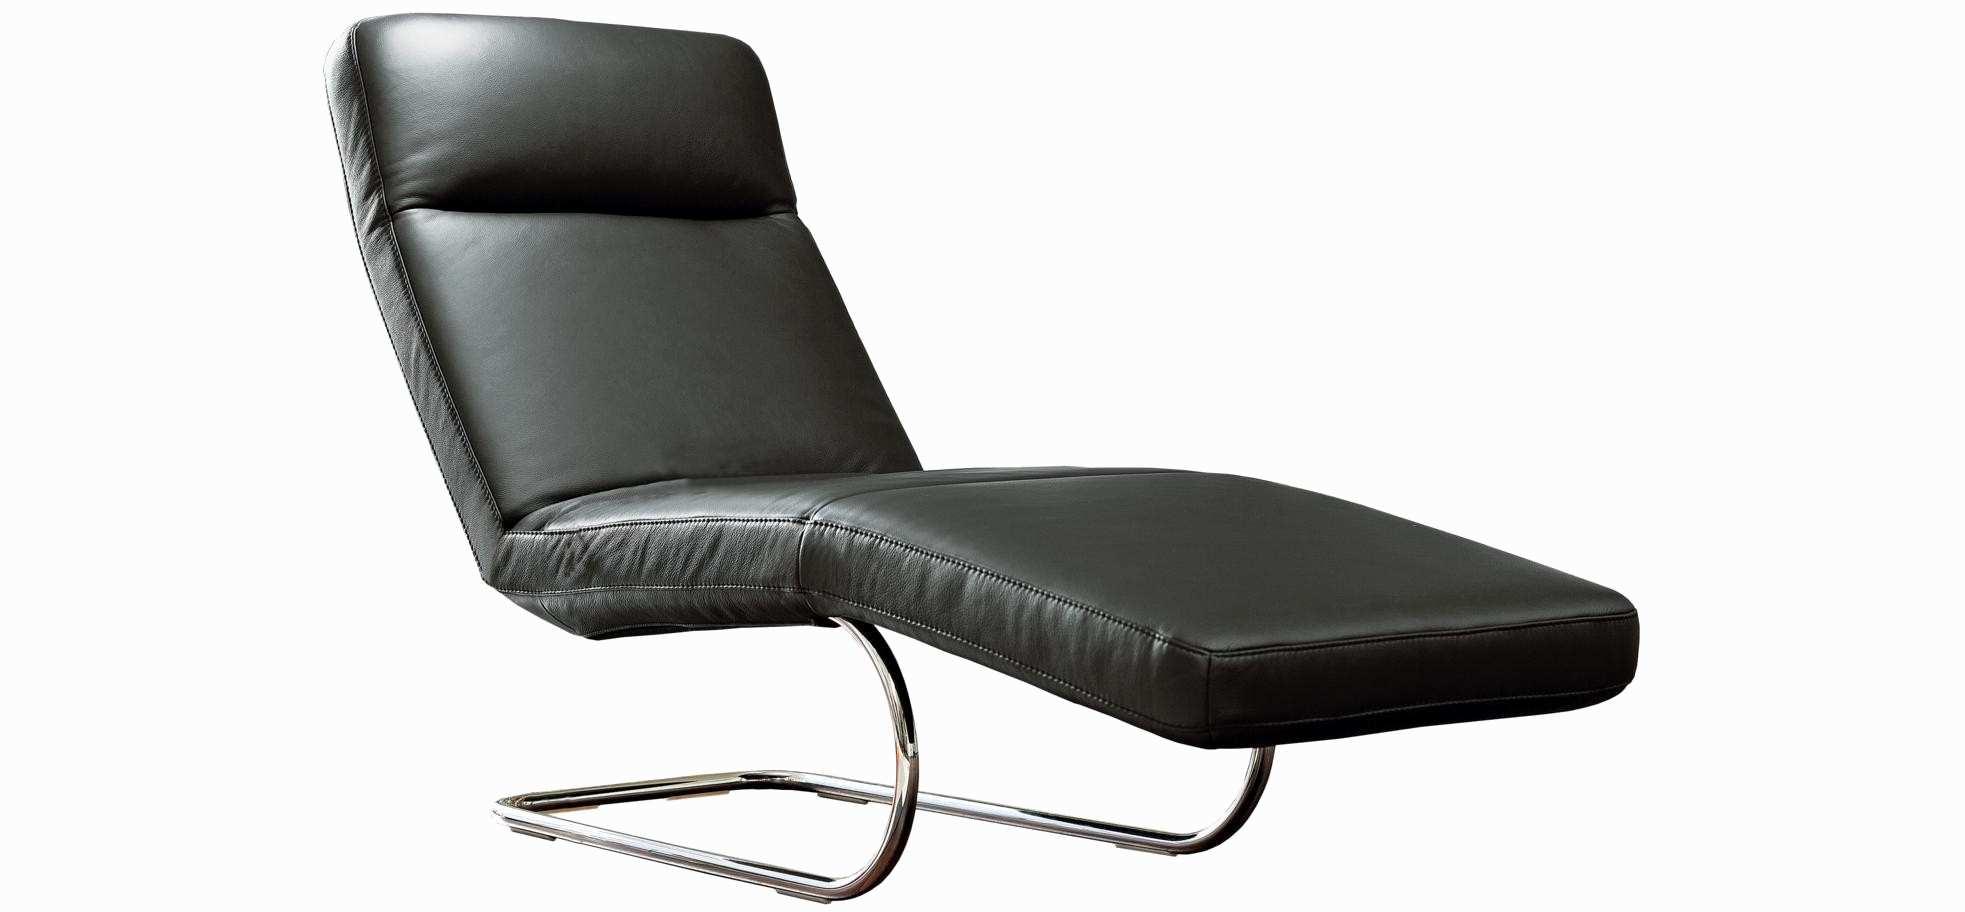 Full Size of Relaxliege Verstellbar Wohnzimmer Schn Sofa Mit Verstellbarer Sitztiefe Garten Wohnzimmer Relaxliege Verstellbar